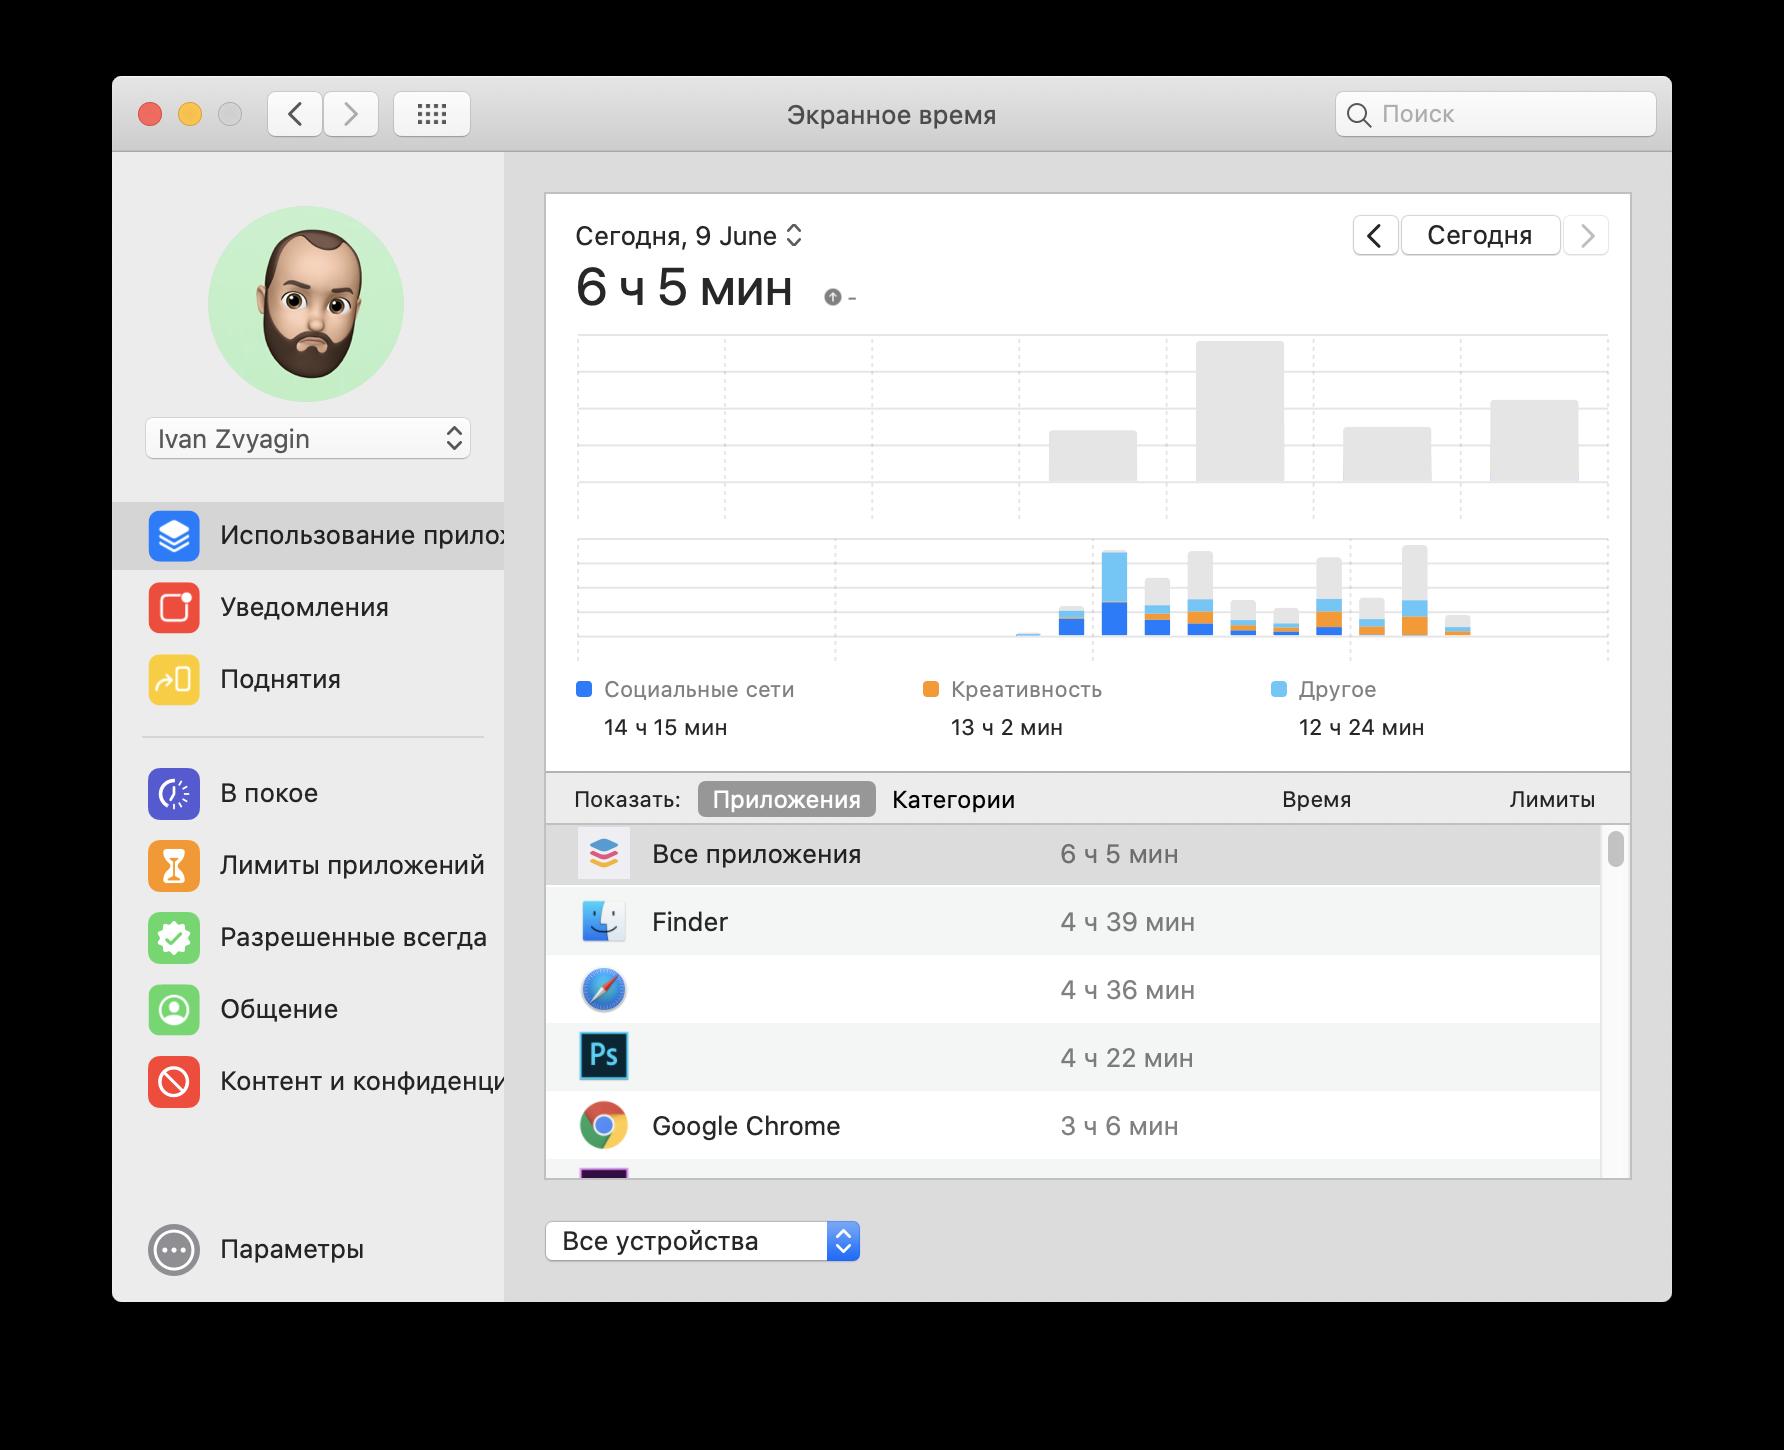 Беты Apple живьем: мелочи, о которых не рассказали на презентации - 14